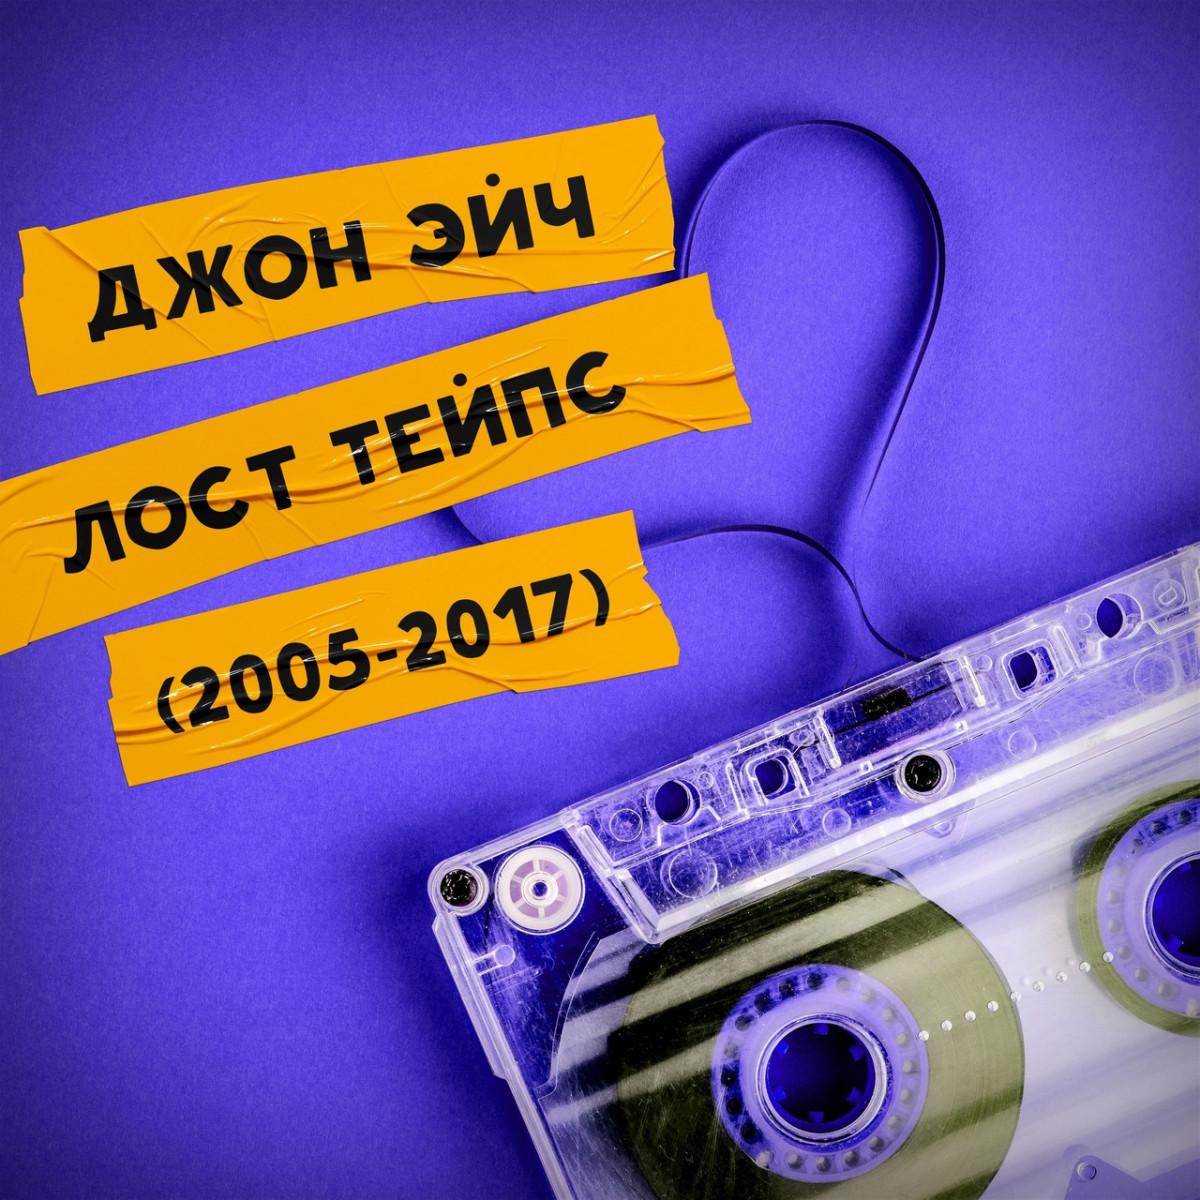 Джон Эйч — «Лост Тейпс (2005-2017)»